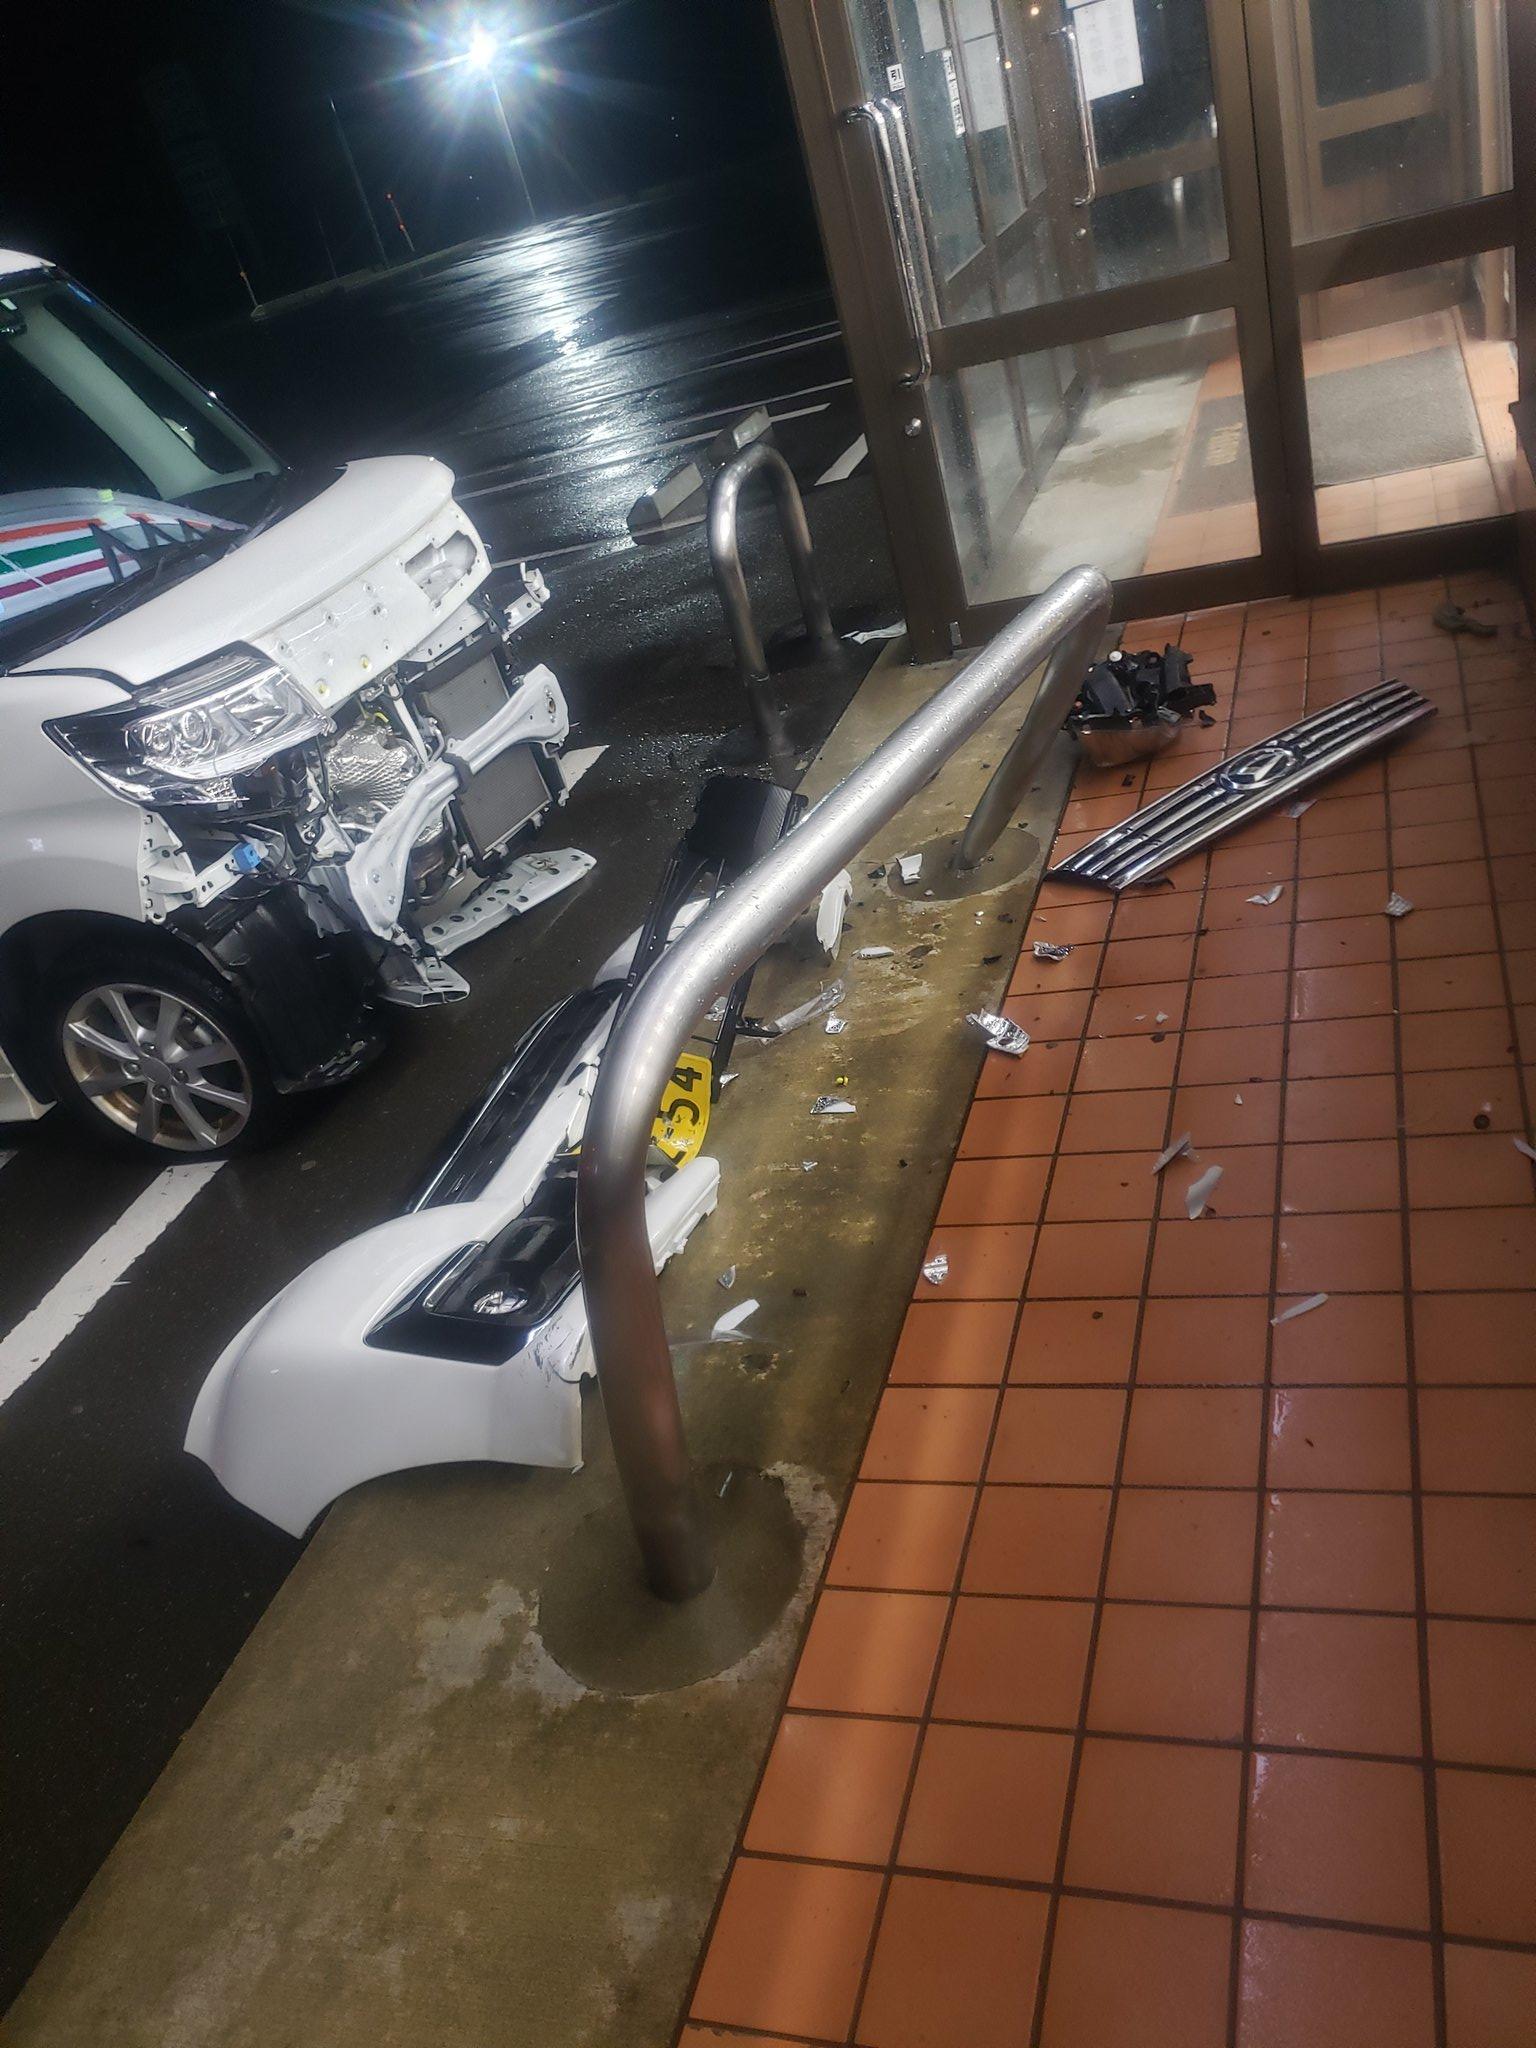 衝撃の光景。コンビニに行ったら車が突っ込みかけて大破していた。